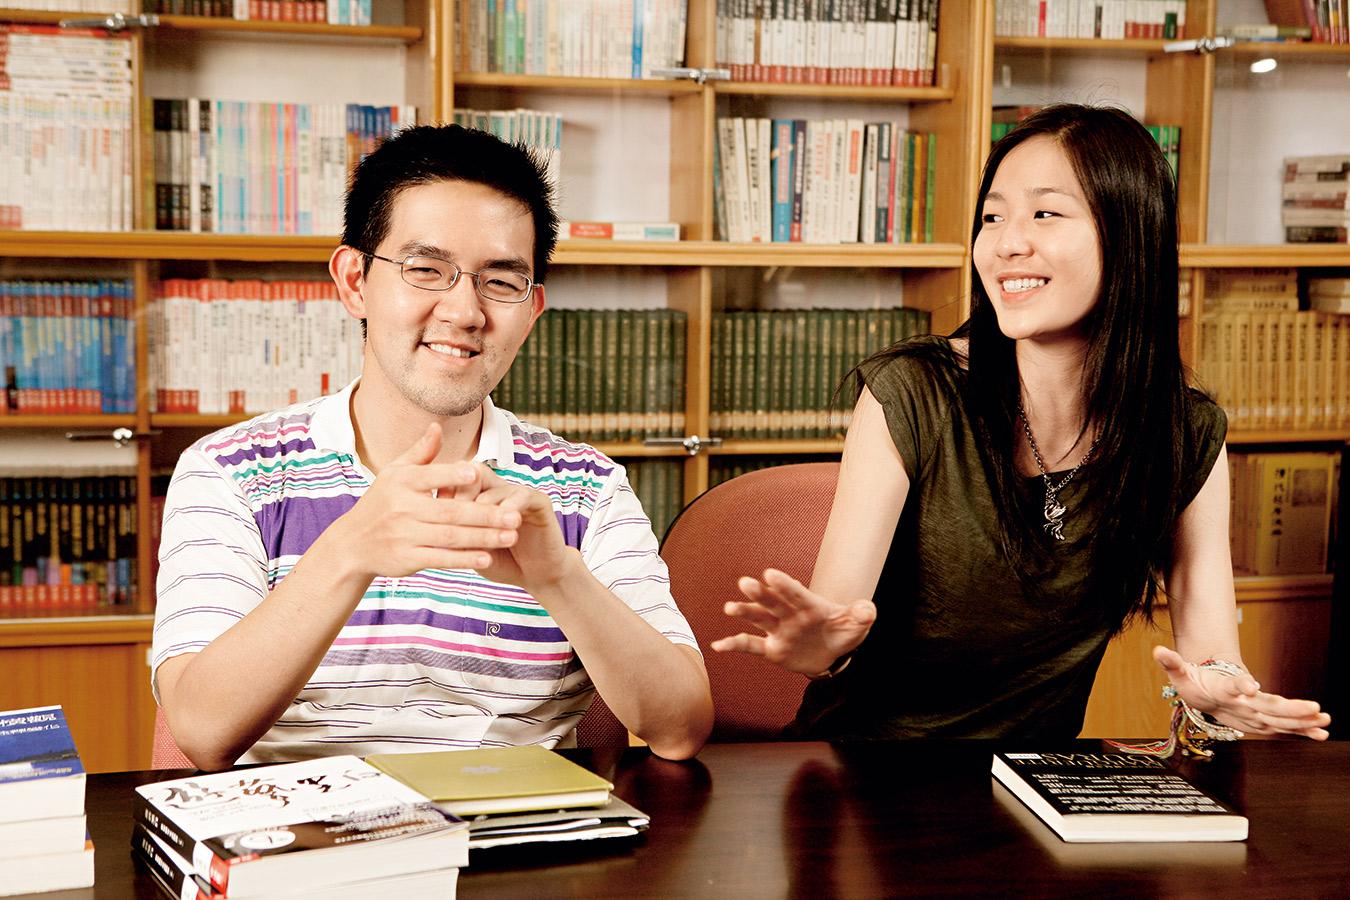 張懸(右)與焦元溥(左)並未走上父母規畫的道路,雙雙 選擇以音樂作為人生志業。